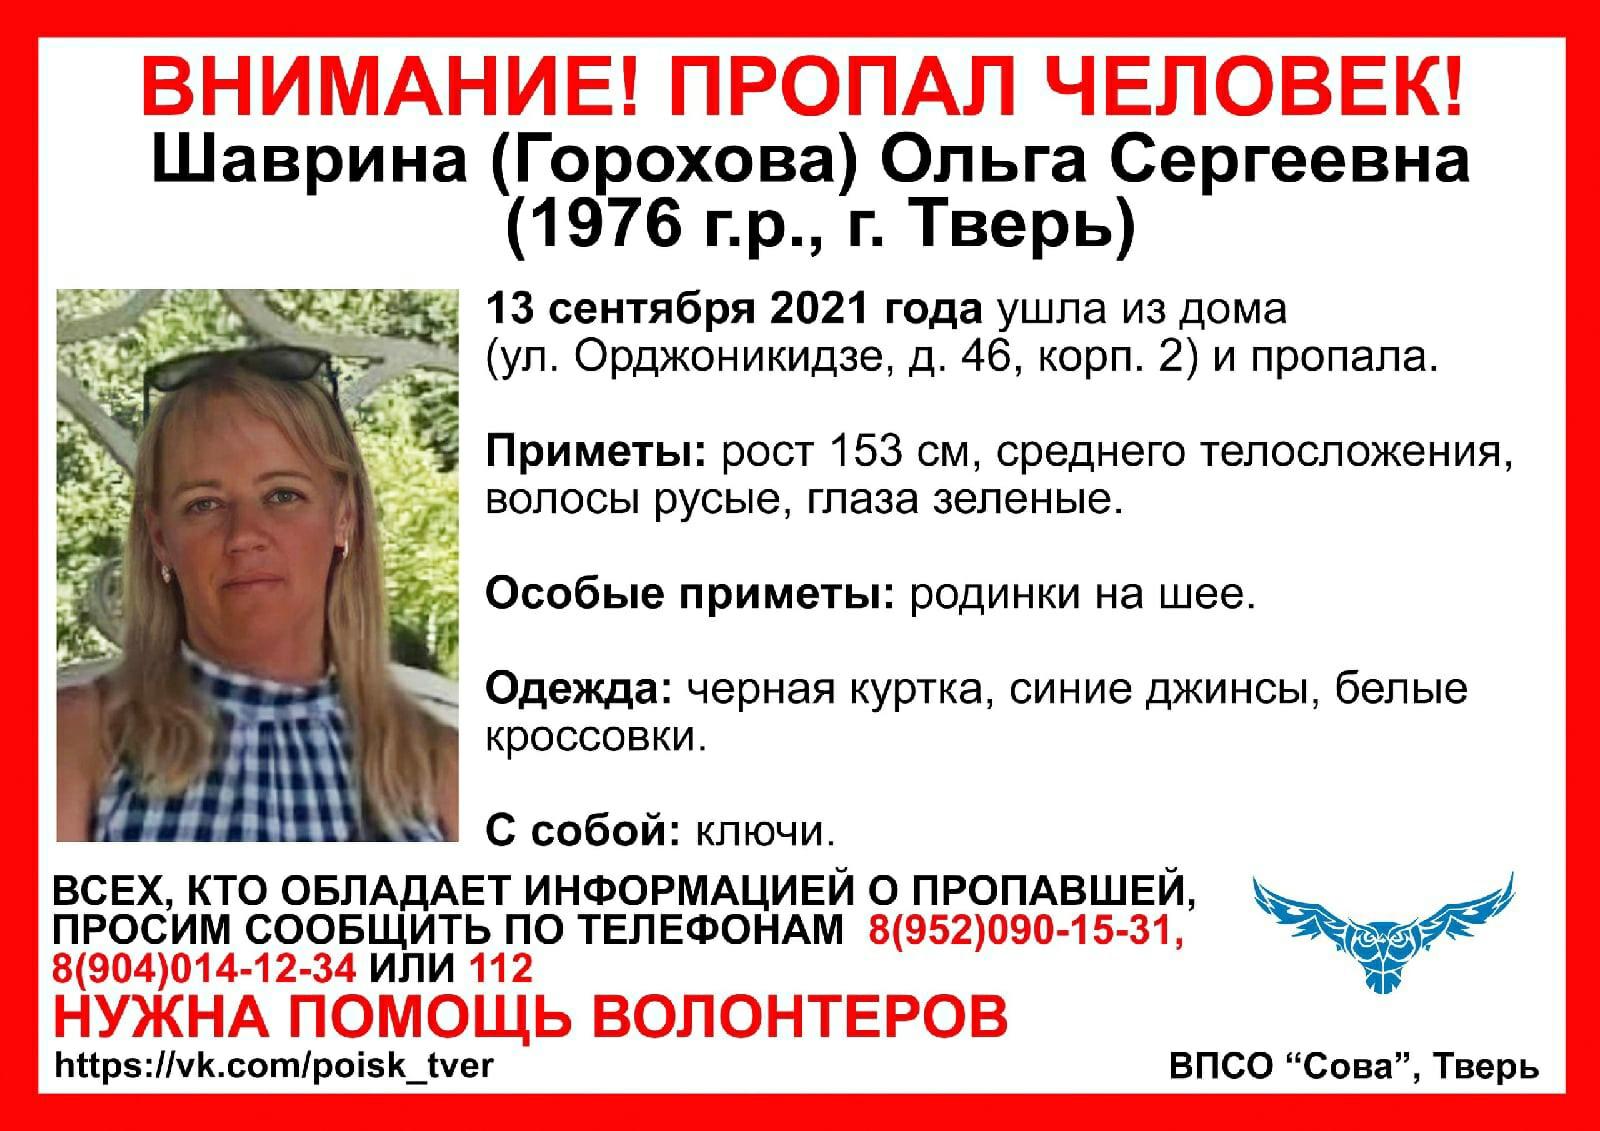 В Твери почти неделю ищут 45-летнюю женщину